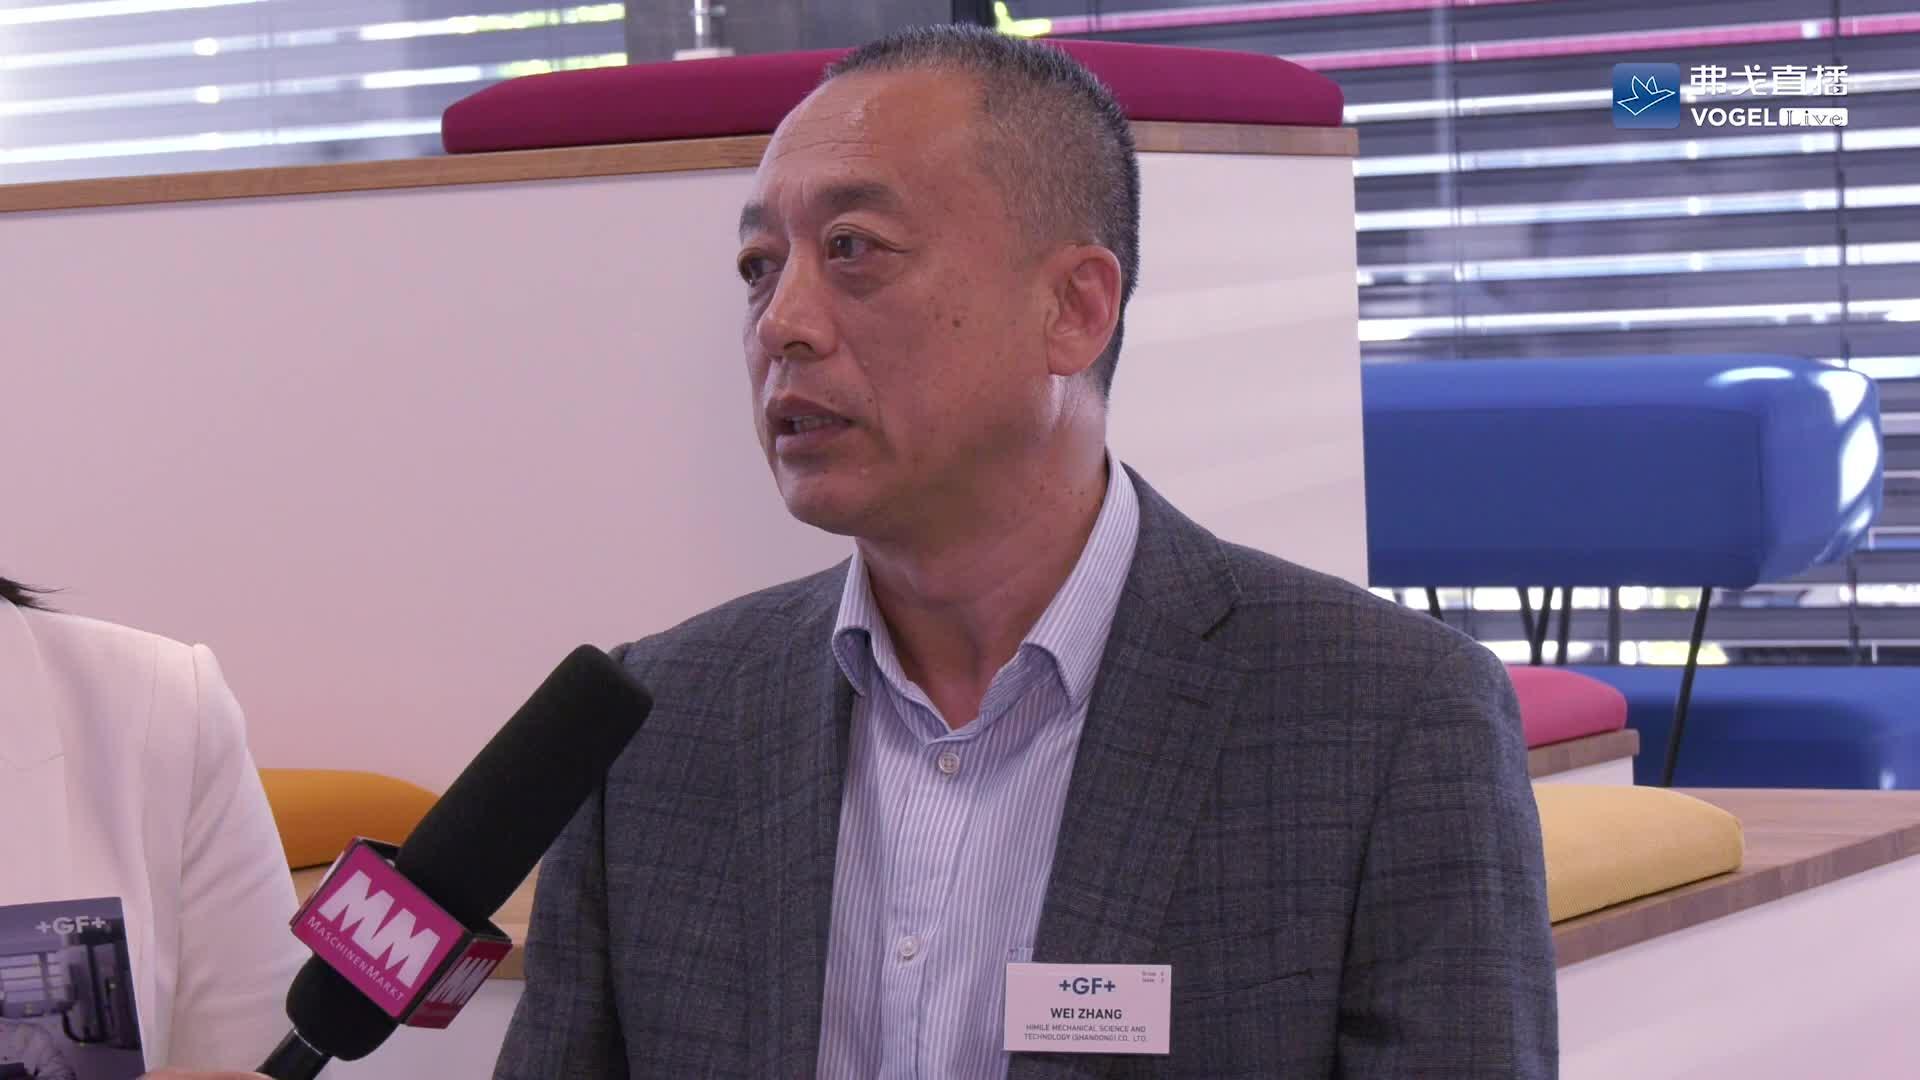 【用户声音】张伟先生 山东豪迈机械科技股份有限公司董事副总经理